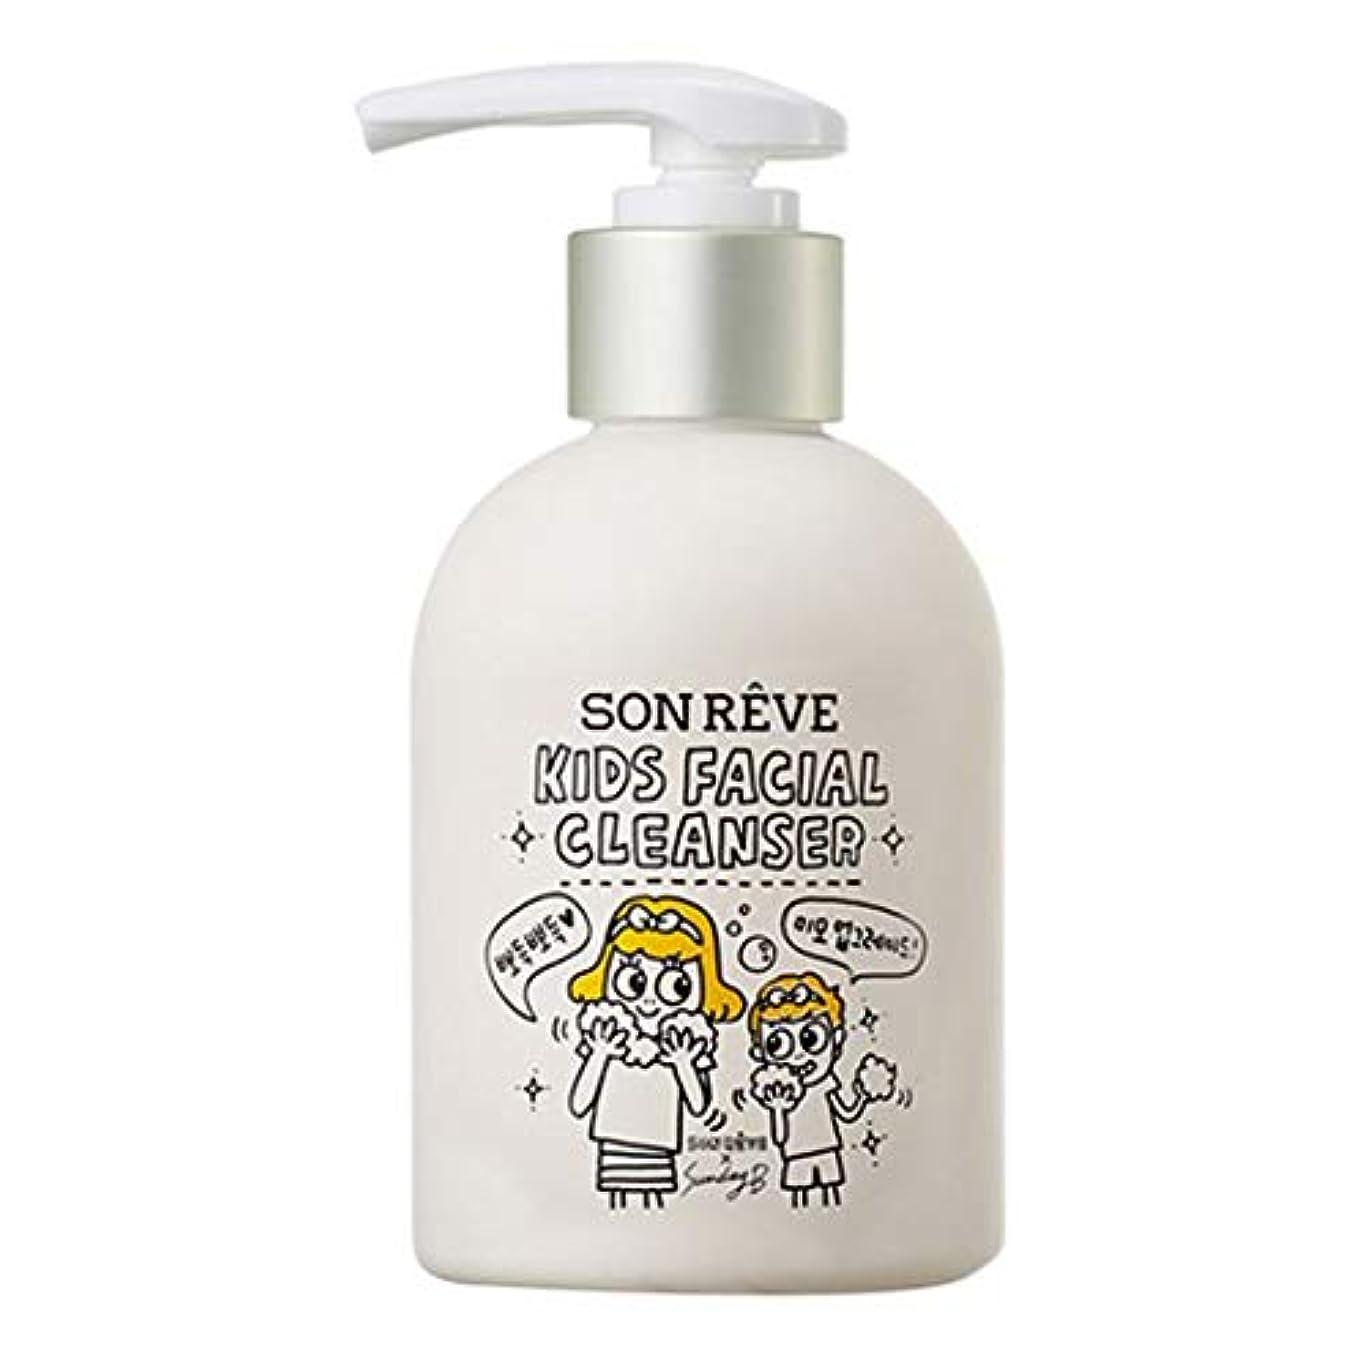 アパート責任者優雅な[SON REVE]KIDS Facial Cleanserの子どもの洗顔200ml甘いキャンディー 香りポンプ型[海外直輸入]